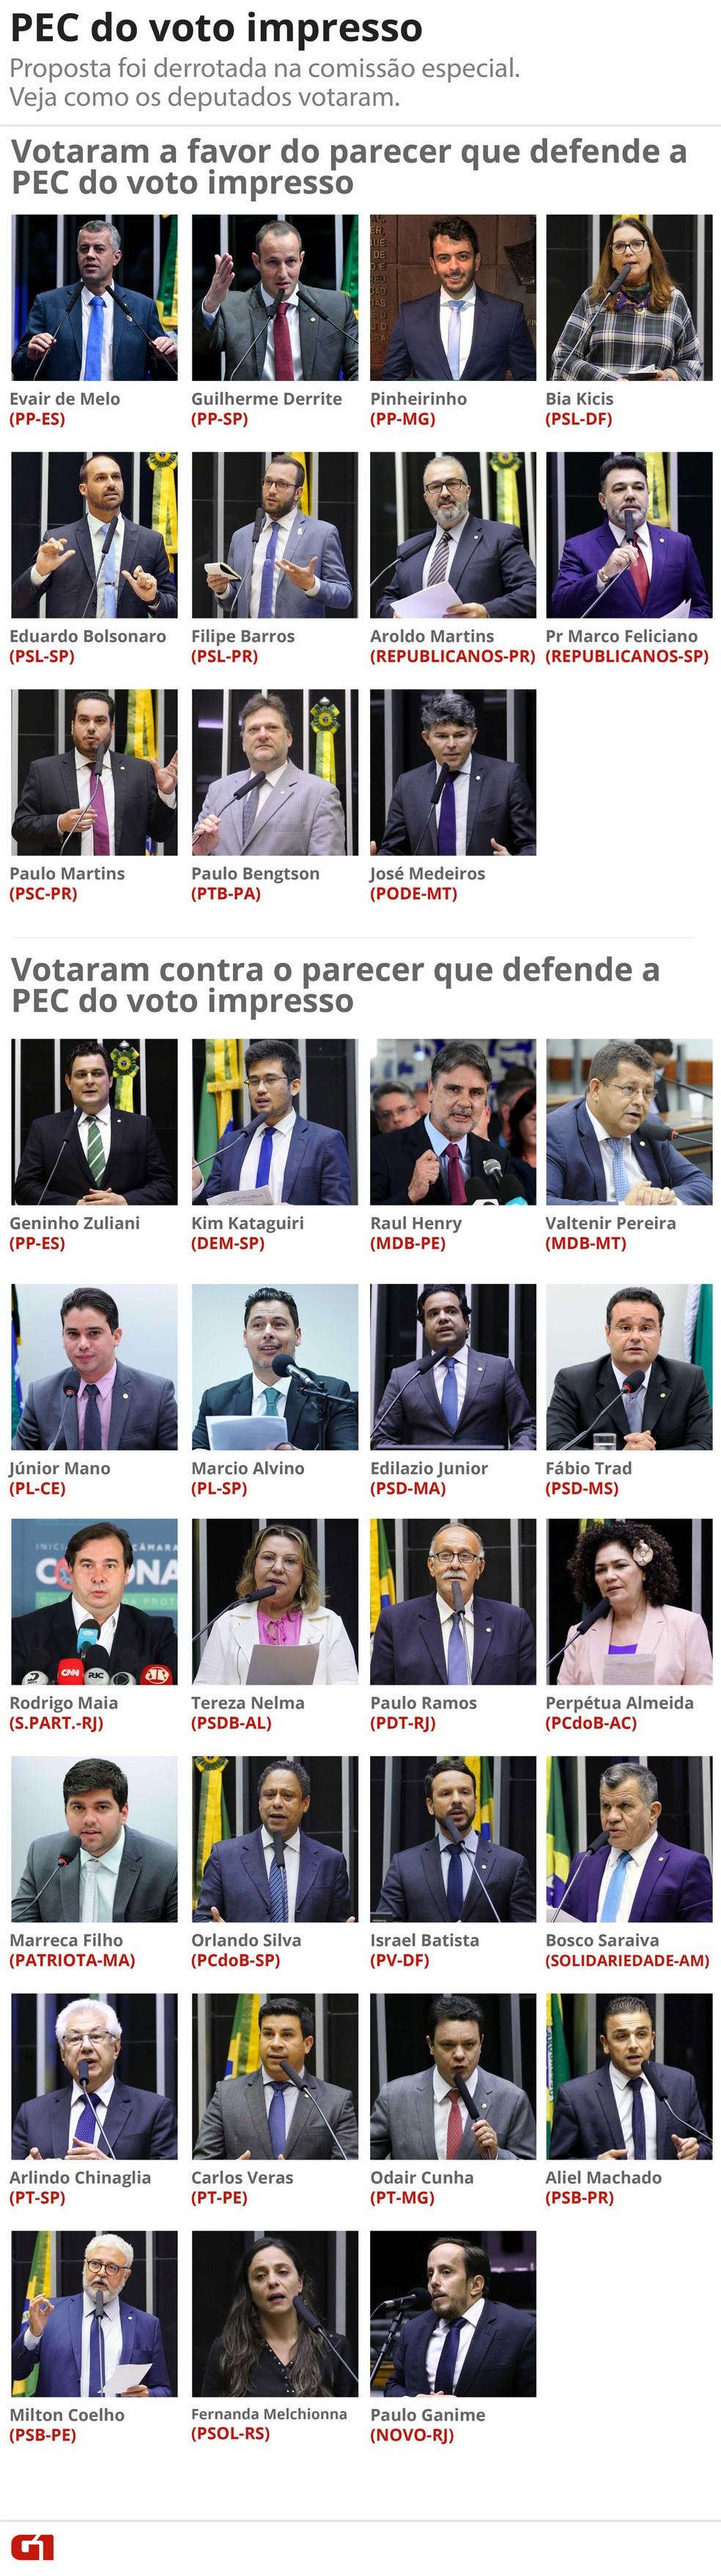 Veja como votou cada deputado na Comissão Especial da Câmara que rejeitou PEC do voto impresso. — Foto: Arte/G1